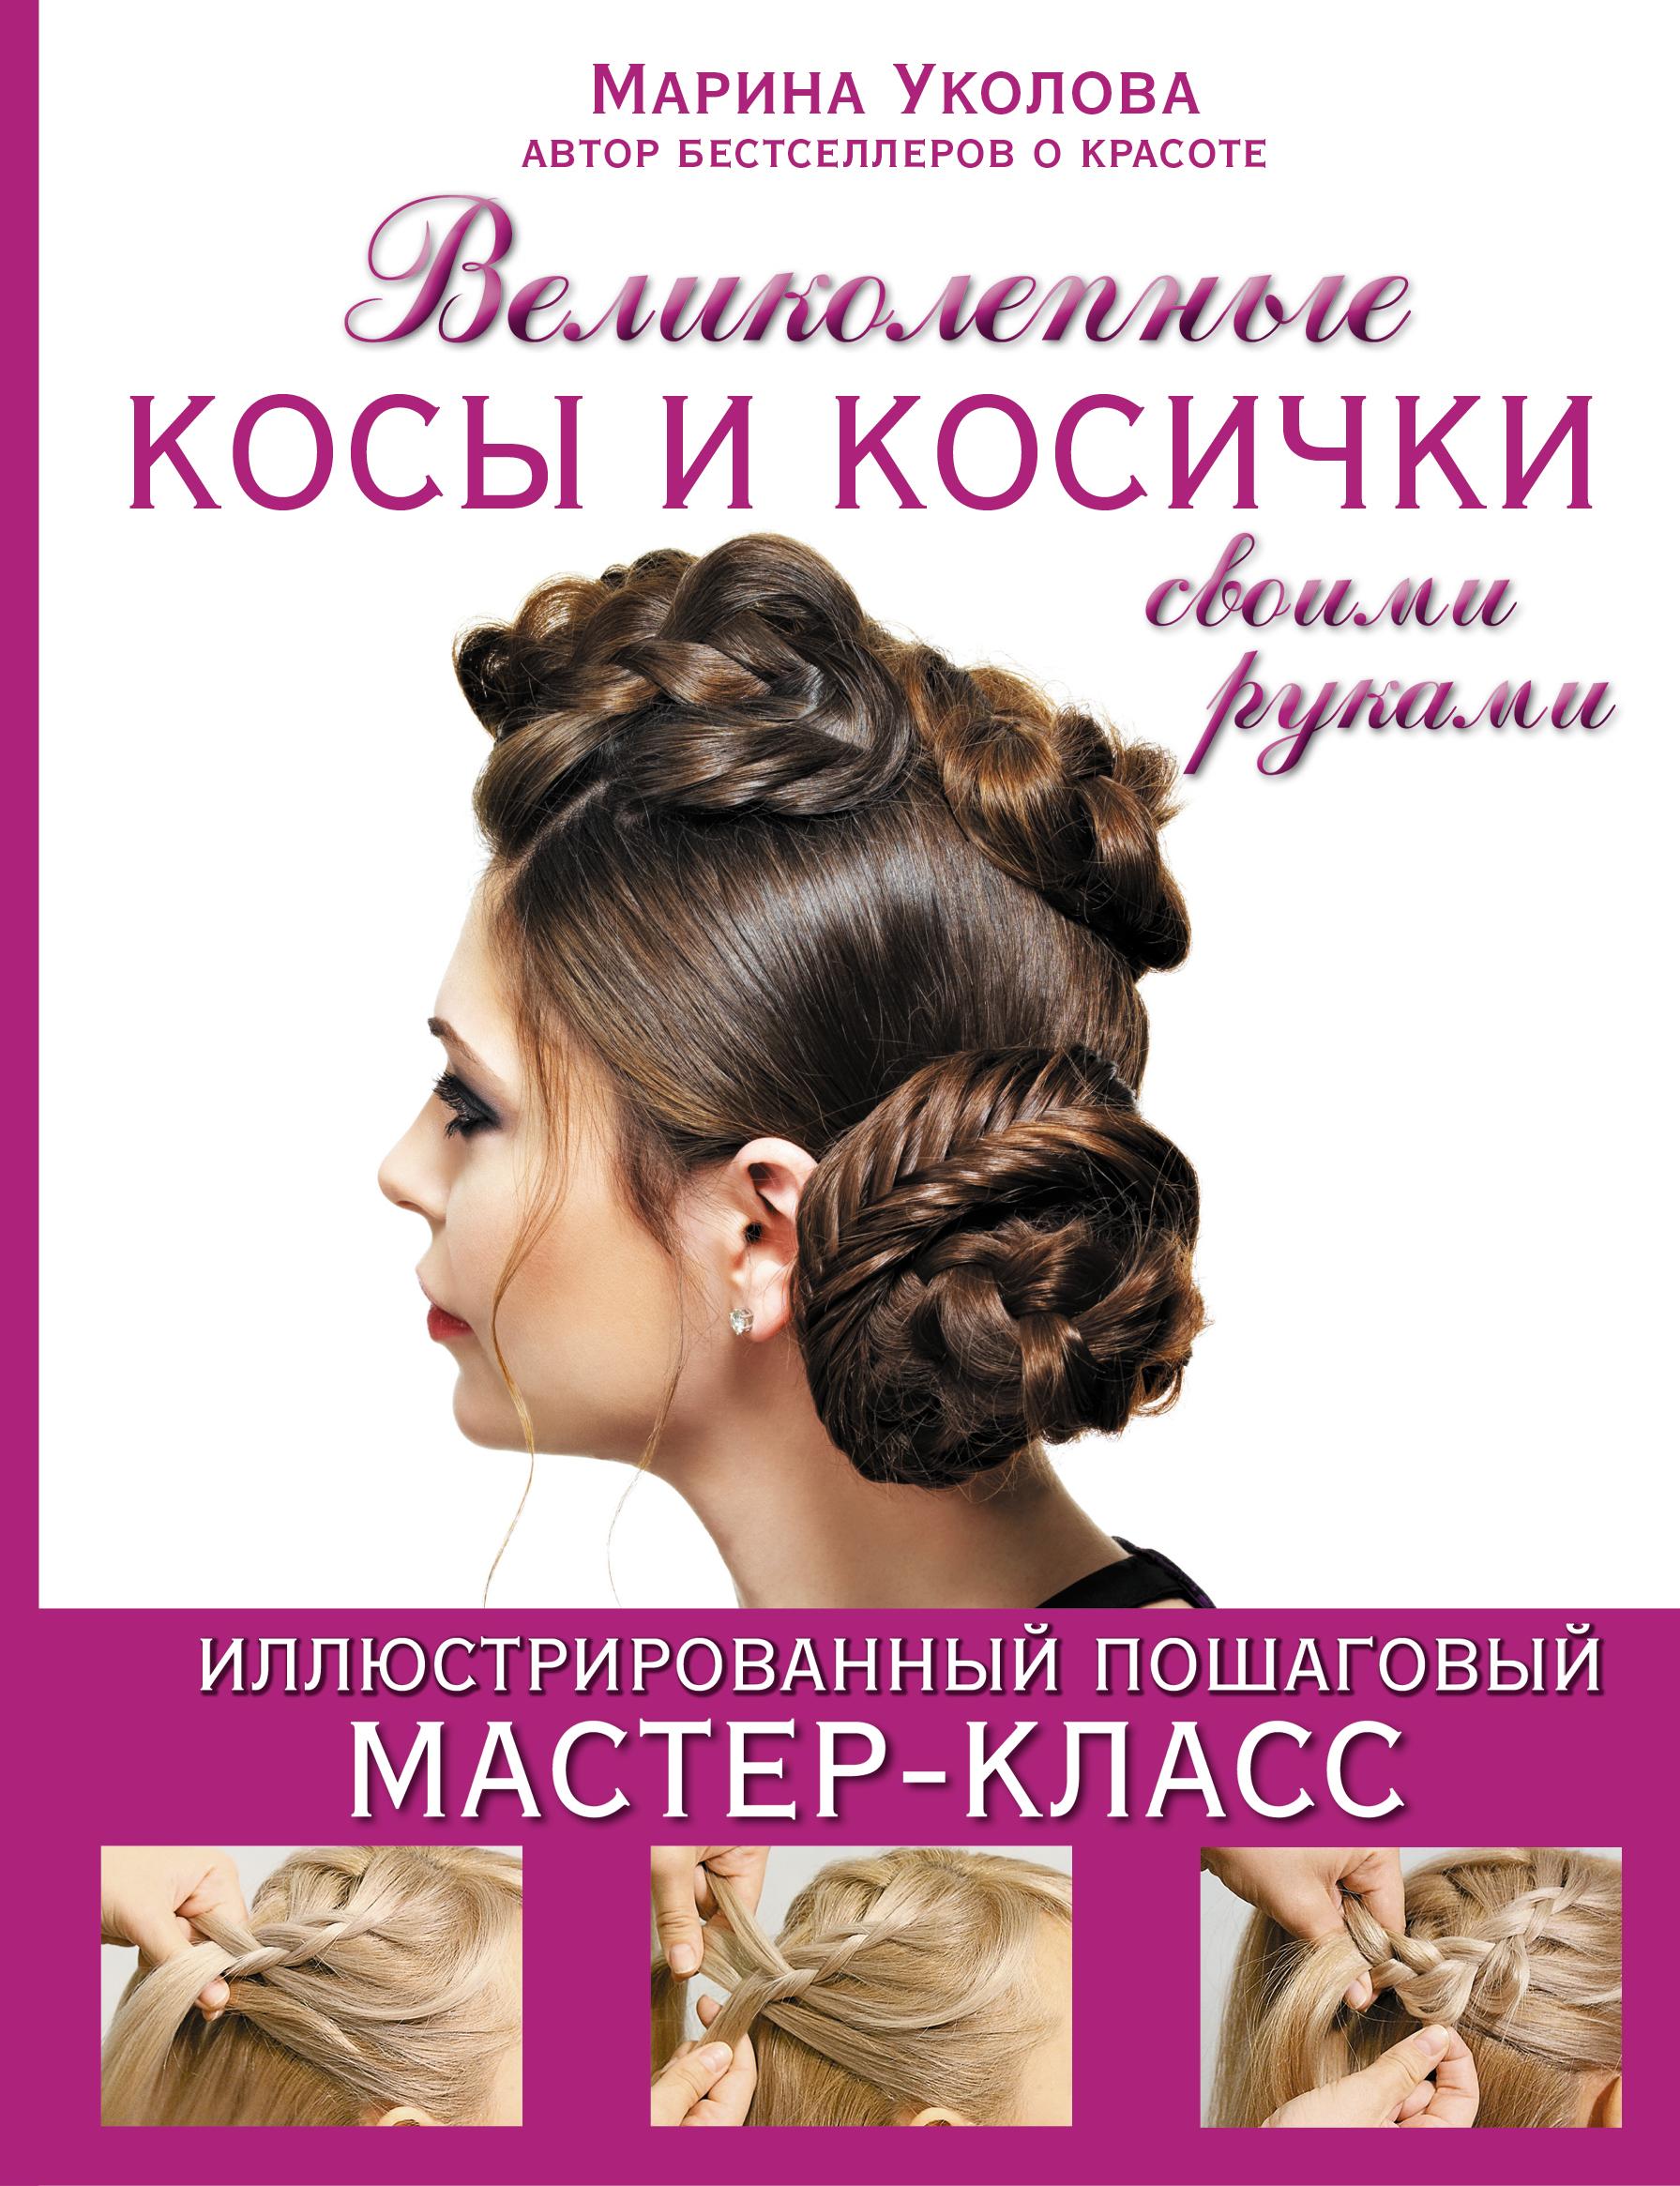 Великолепные косы и косички своими руками ( Уколова Марина  )